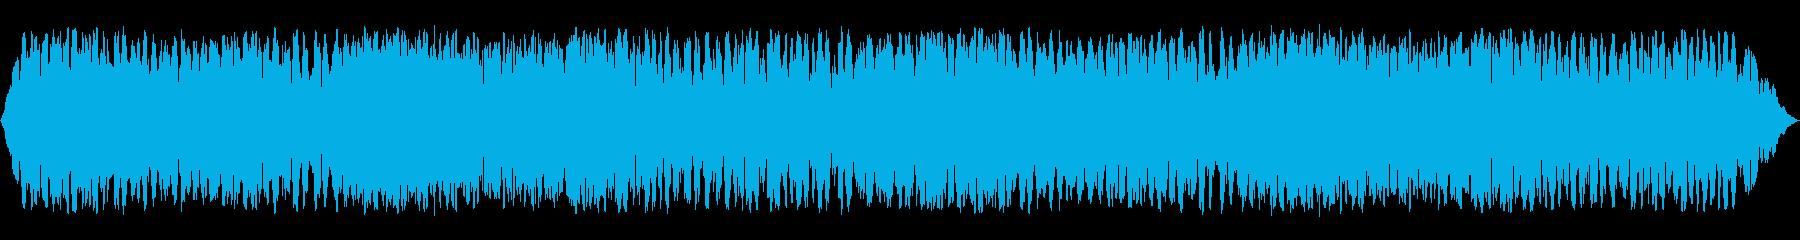 電子テレメトリを備えた巨大なコンピ...の再生済みの波形